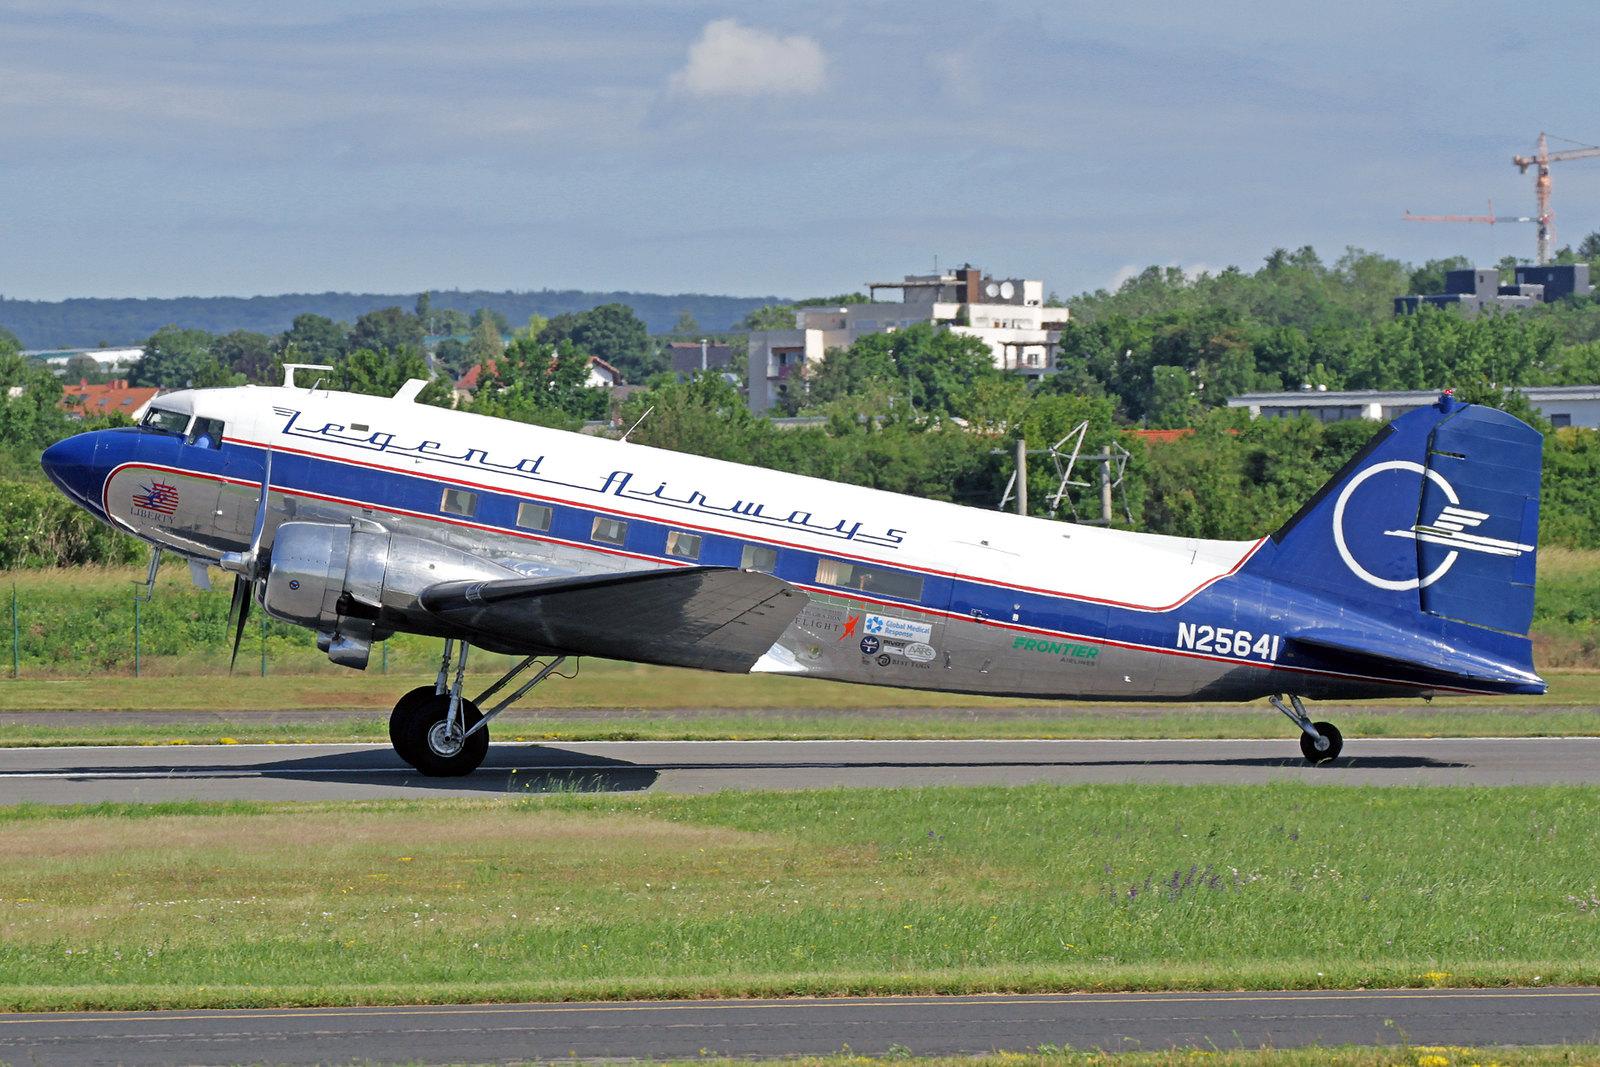 """N25641 - Legend Airways schickte ihre """"Liberty"""", eine Douglas DC-3C zu den Feierlichkeiten zum 70. Jahrestag der Luftbrücke. Das Flugzeug wurde von der Douglas Aircraft Corp. in Long Beach als eine C-47-DL gebaut, sie rollte am 11. Februar 1943 vom Band."""